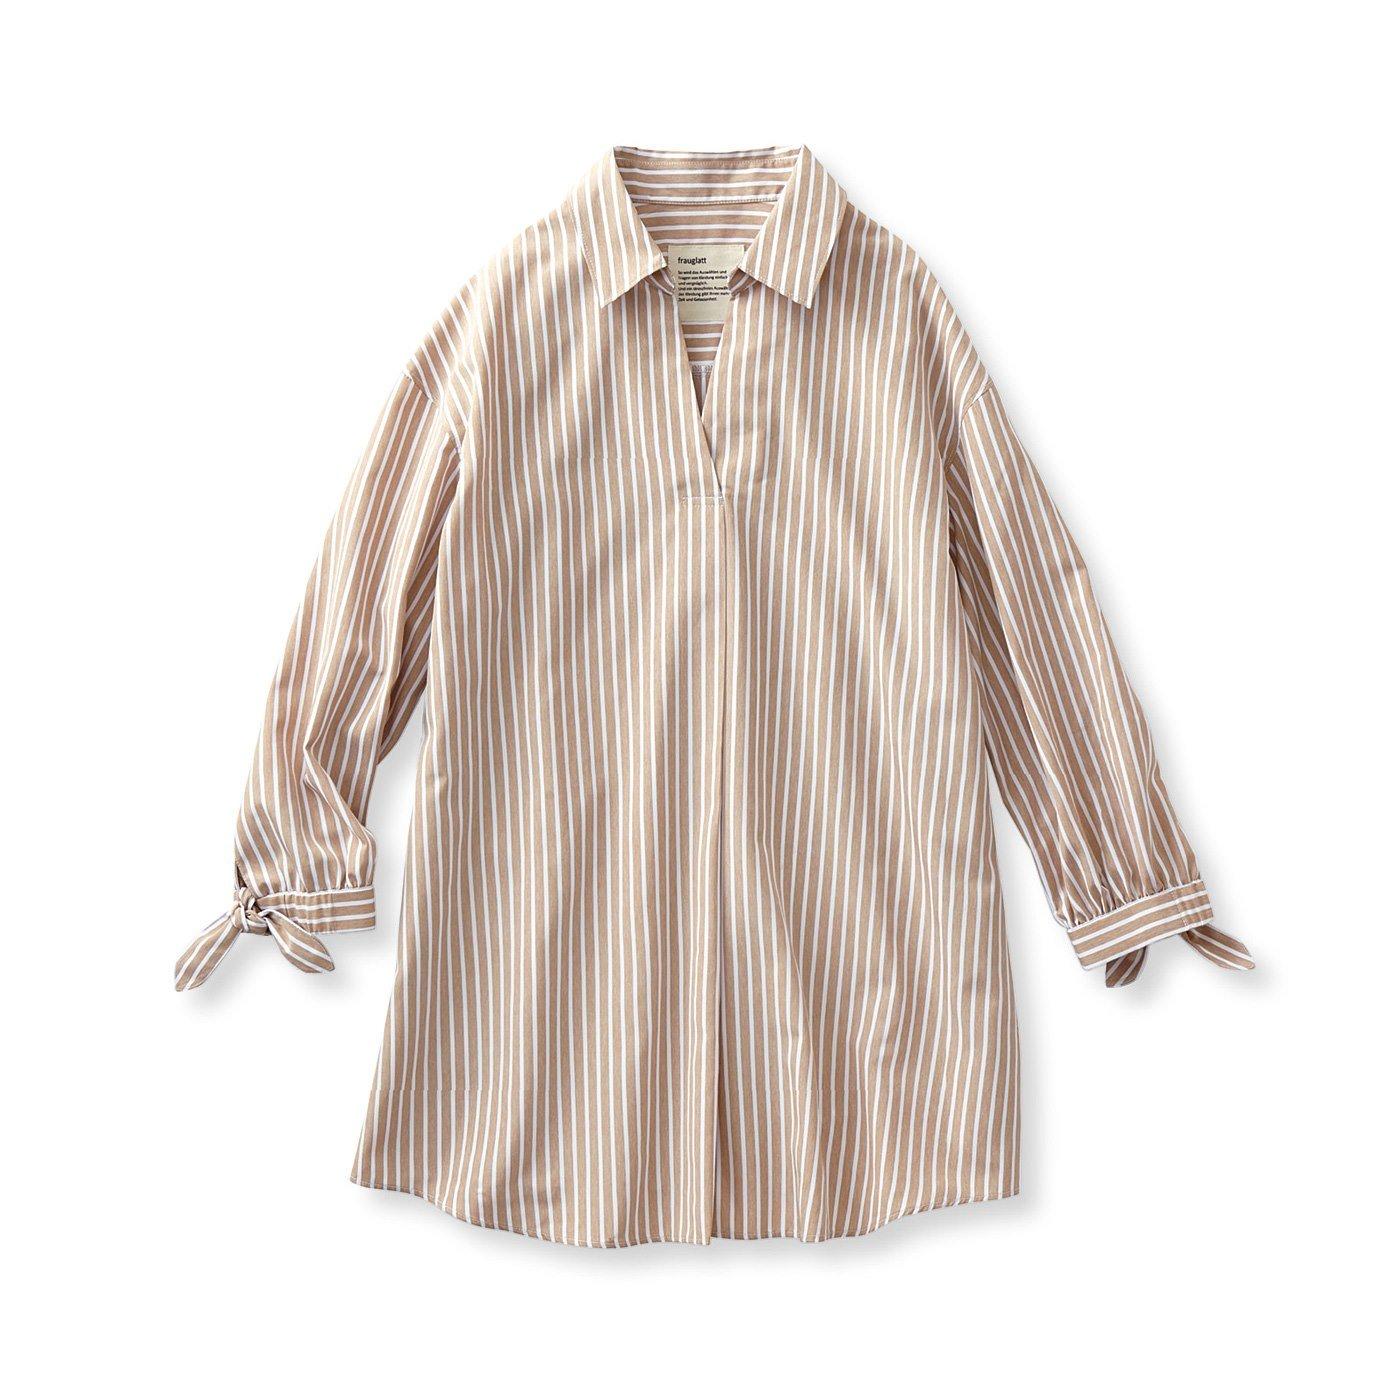 フラウグラット イージーケアの すとんと着るだけで決まる 軽やかプルオーバーストライプシャツチュニック〈ベージュ〉